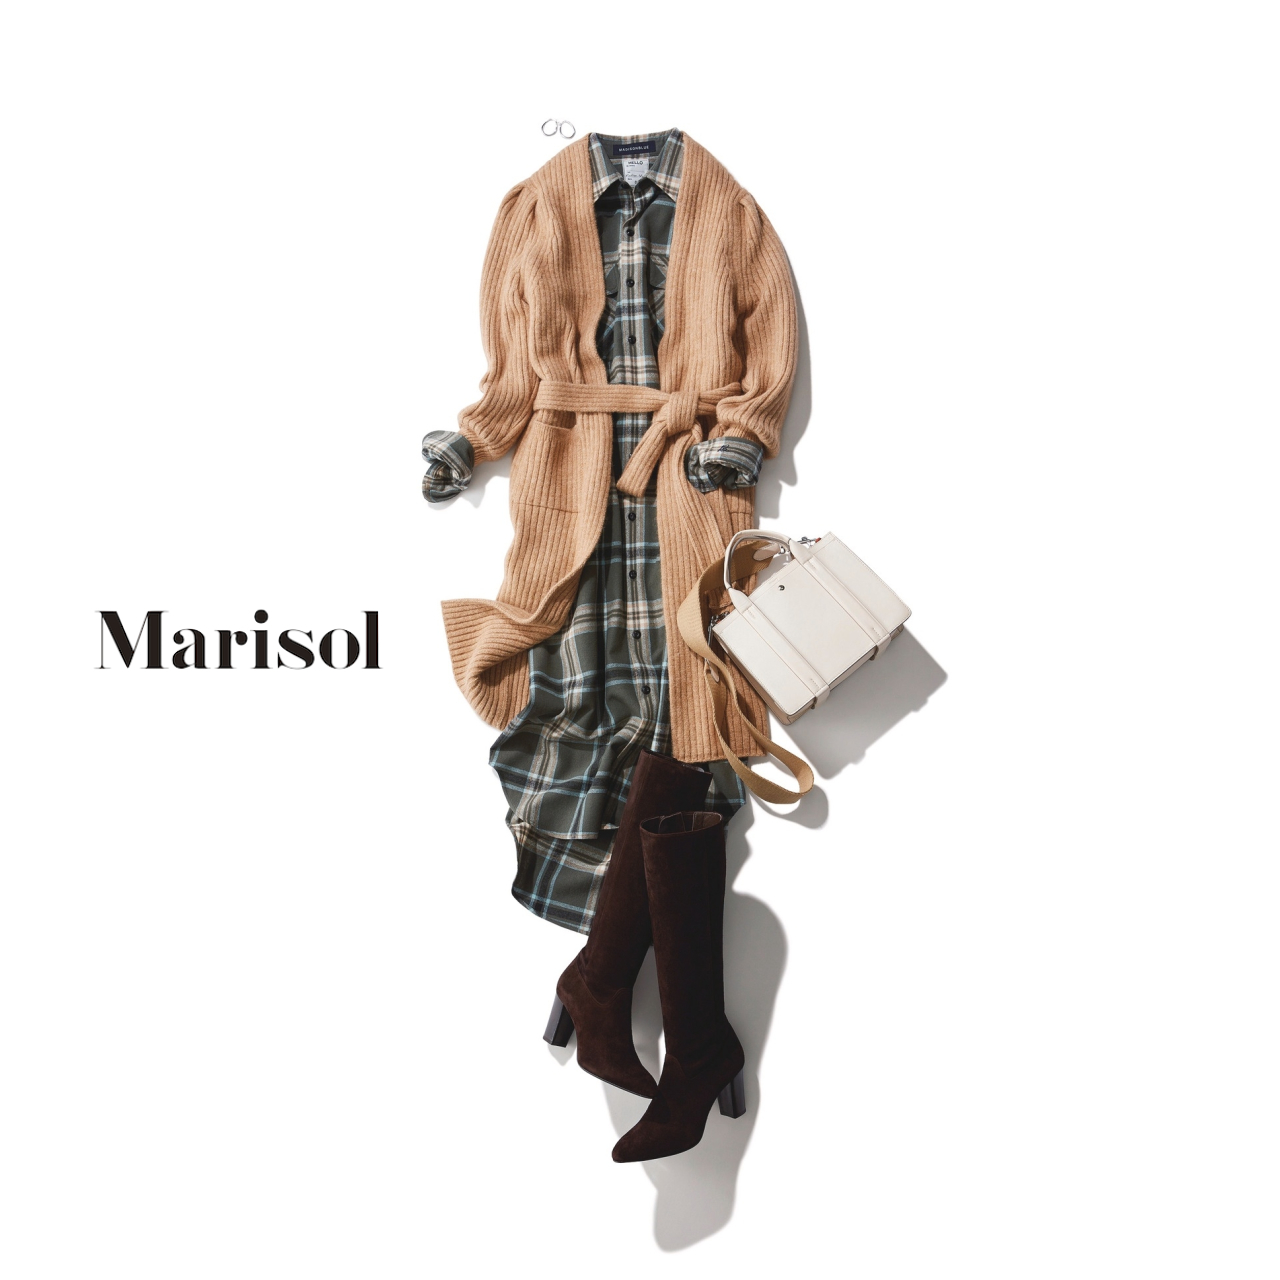 ワンピース×ロングブーツコーデのファッションコーデ